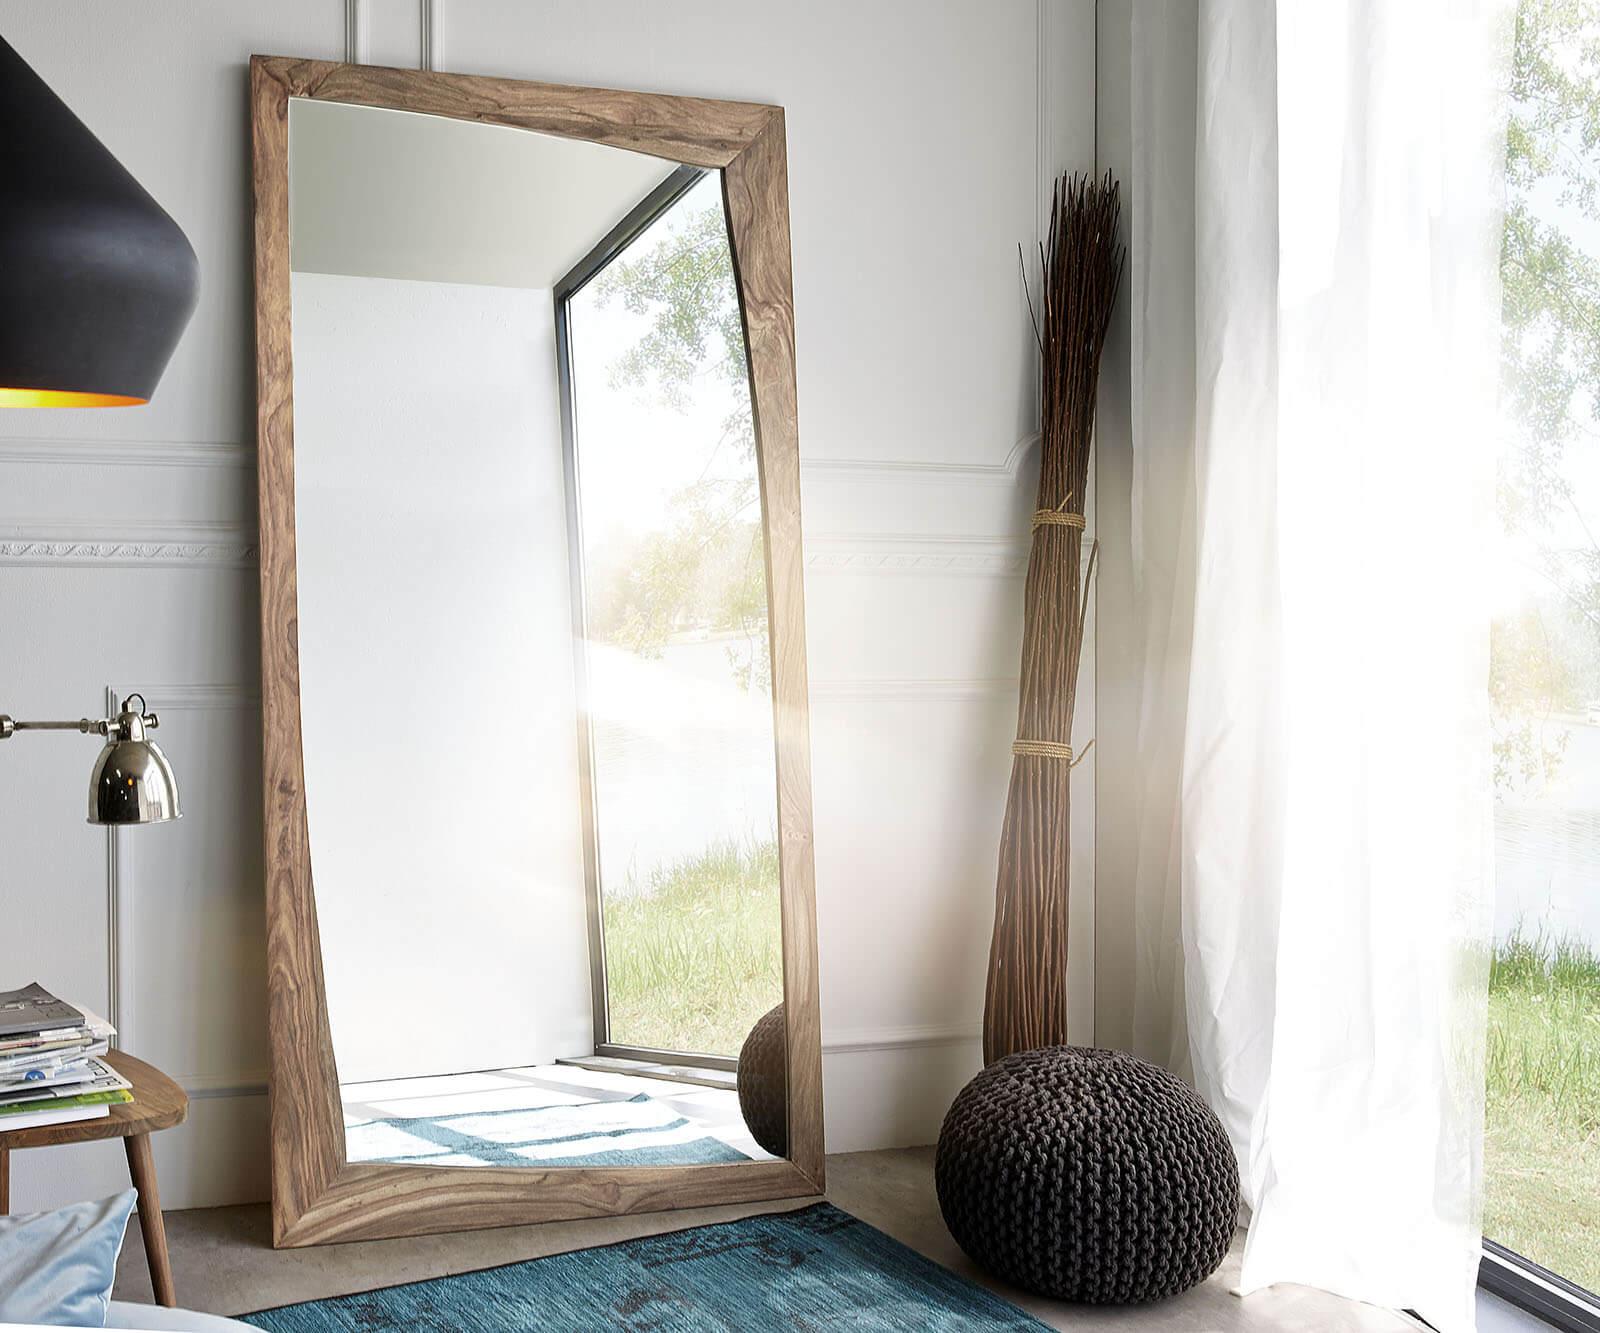 delife-designer-wandspiegel-wyatt-200x100-cm-sheesham-natur-spiegel